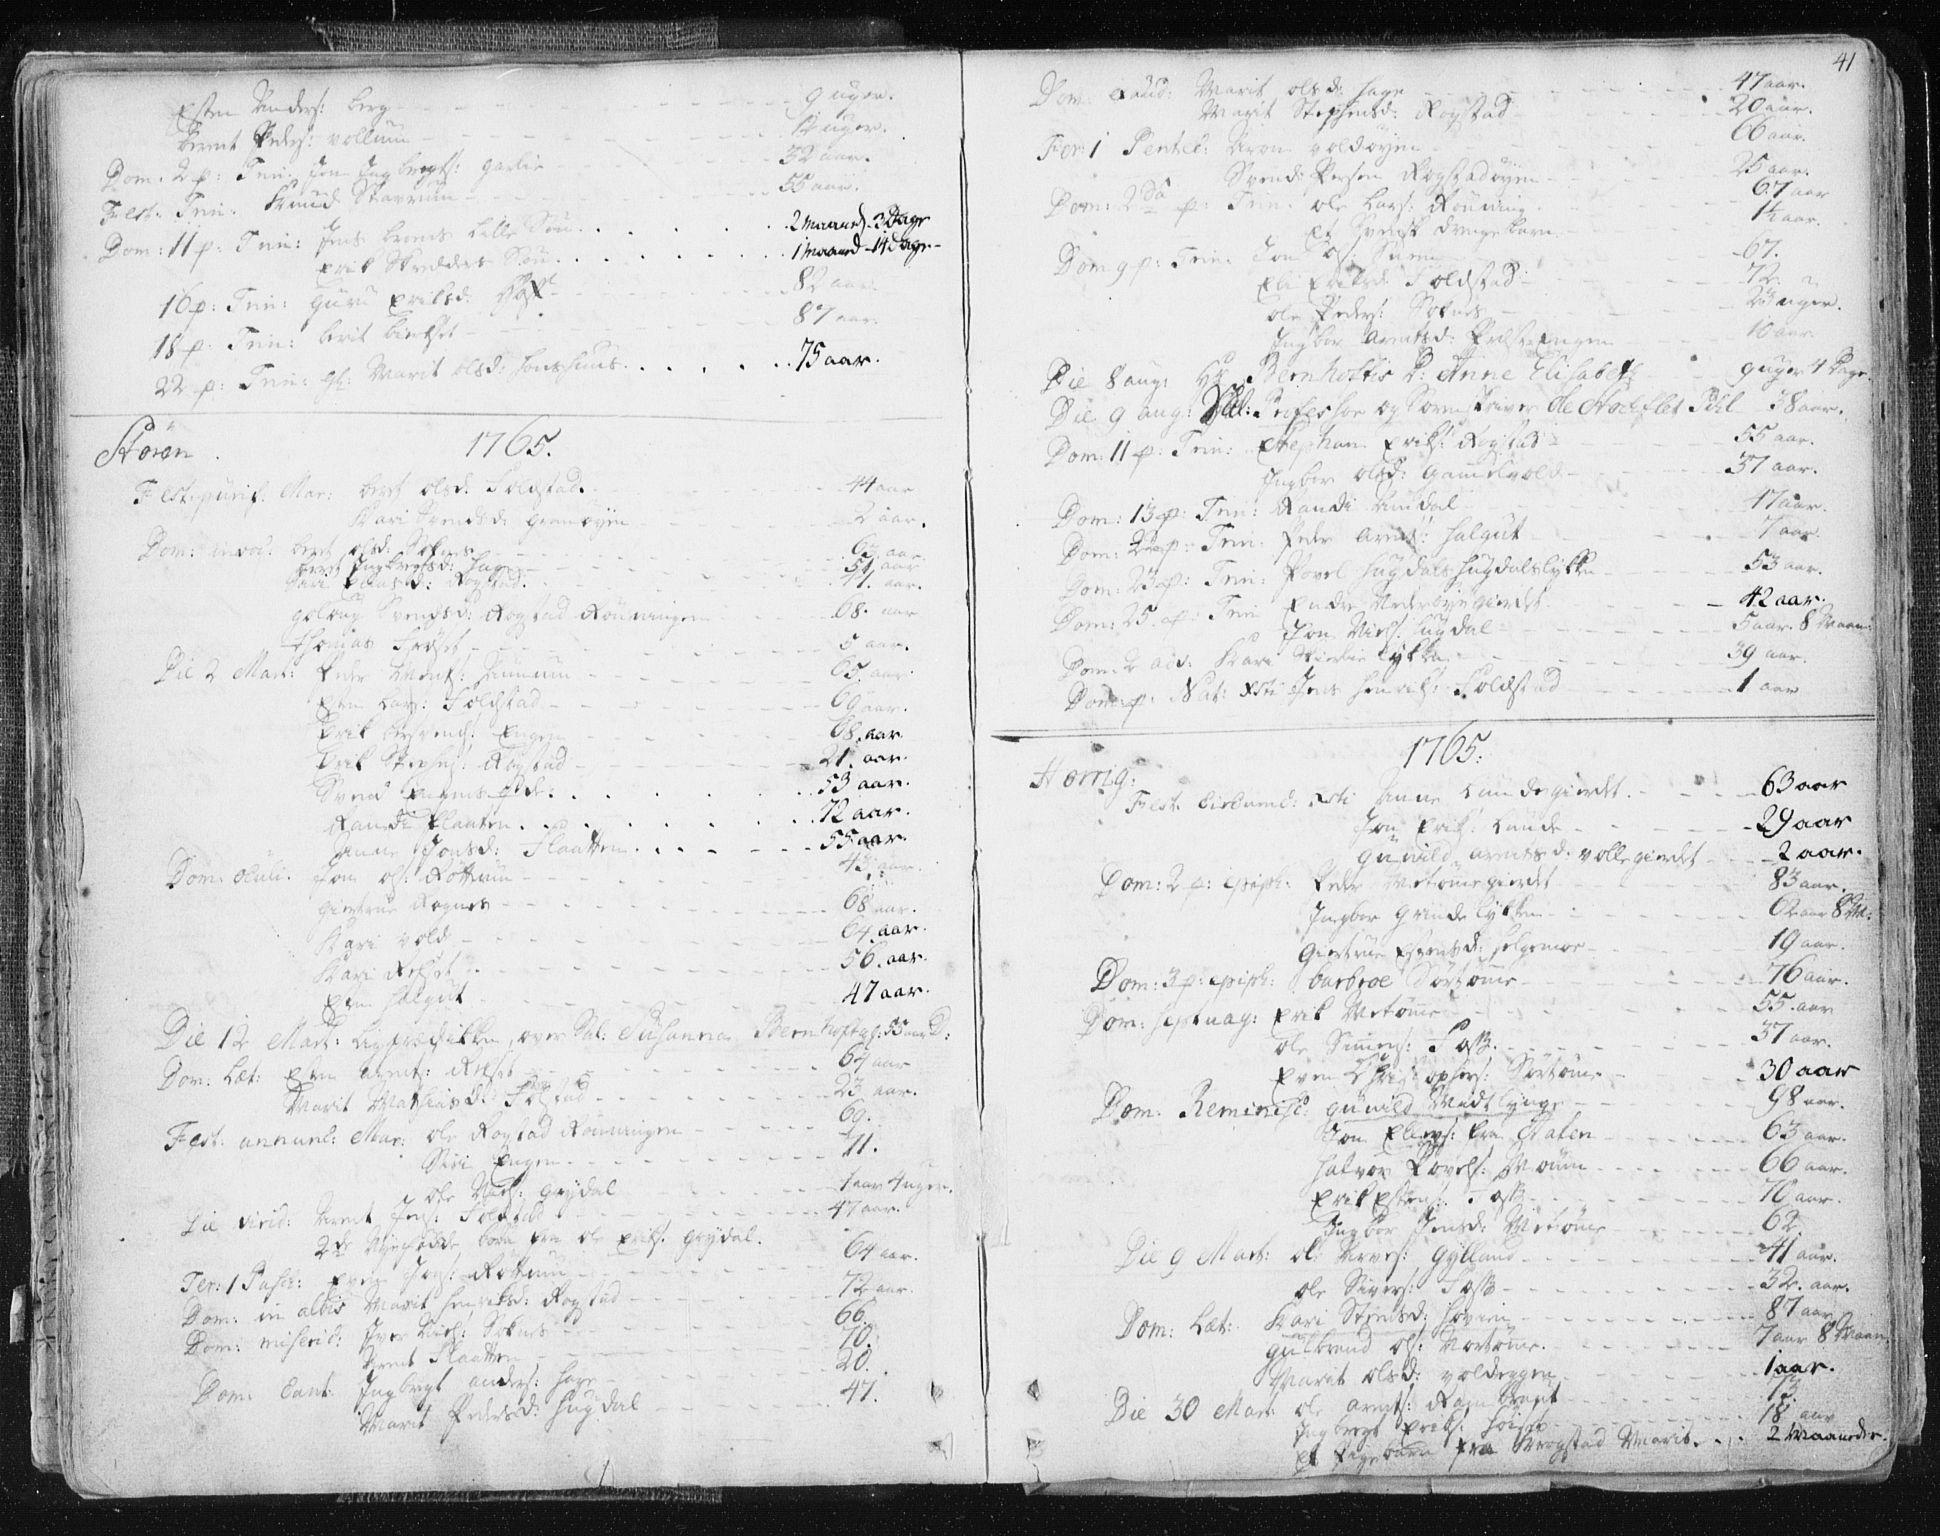 SAT, Ministerialprotokoller, klokkerbøker og fødselsregistre - Sør-Trøndelag, 687/L0991: Ministerialbok nr. 687A02, 1747-1790, s. 41